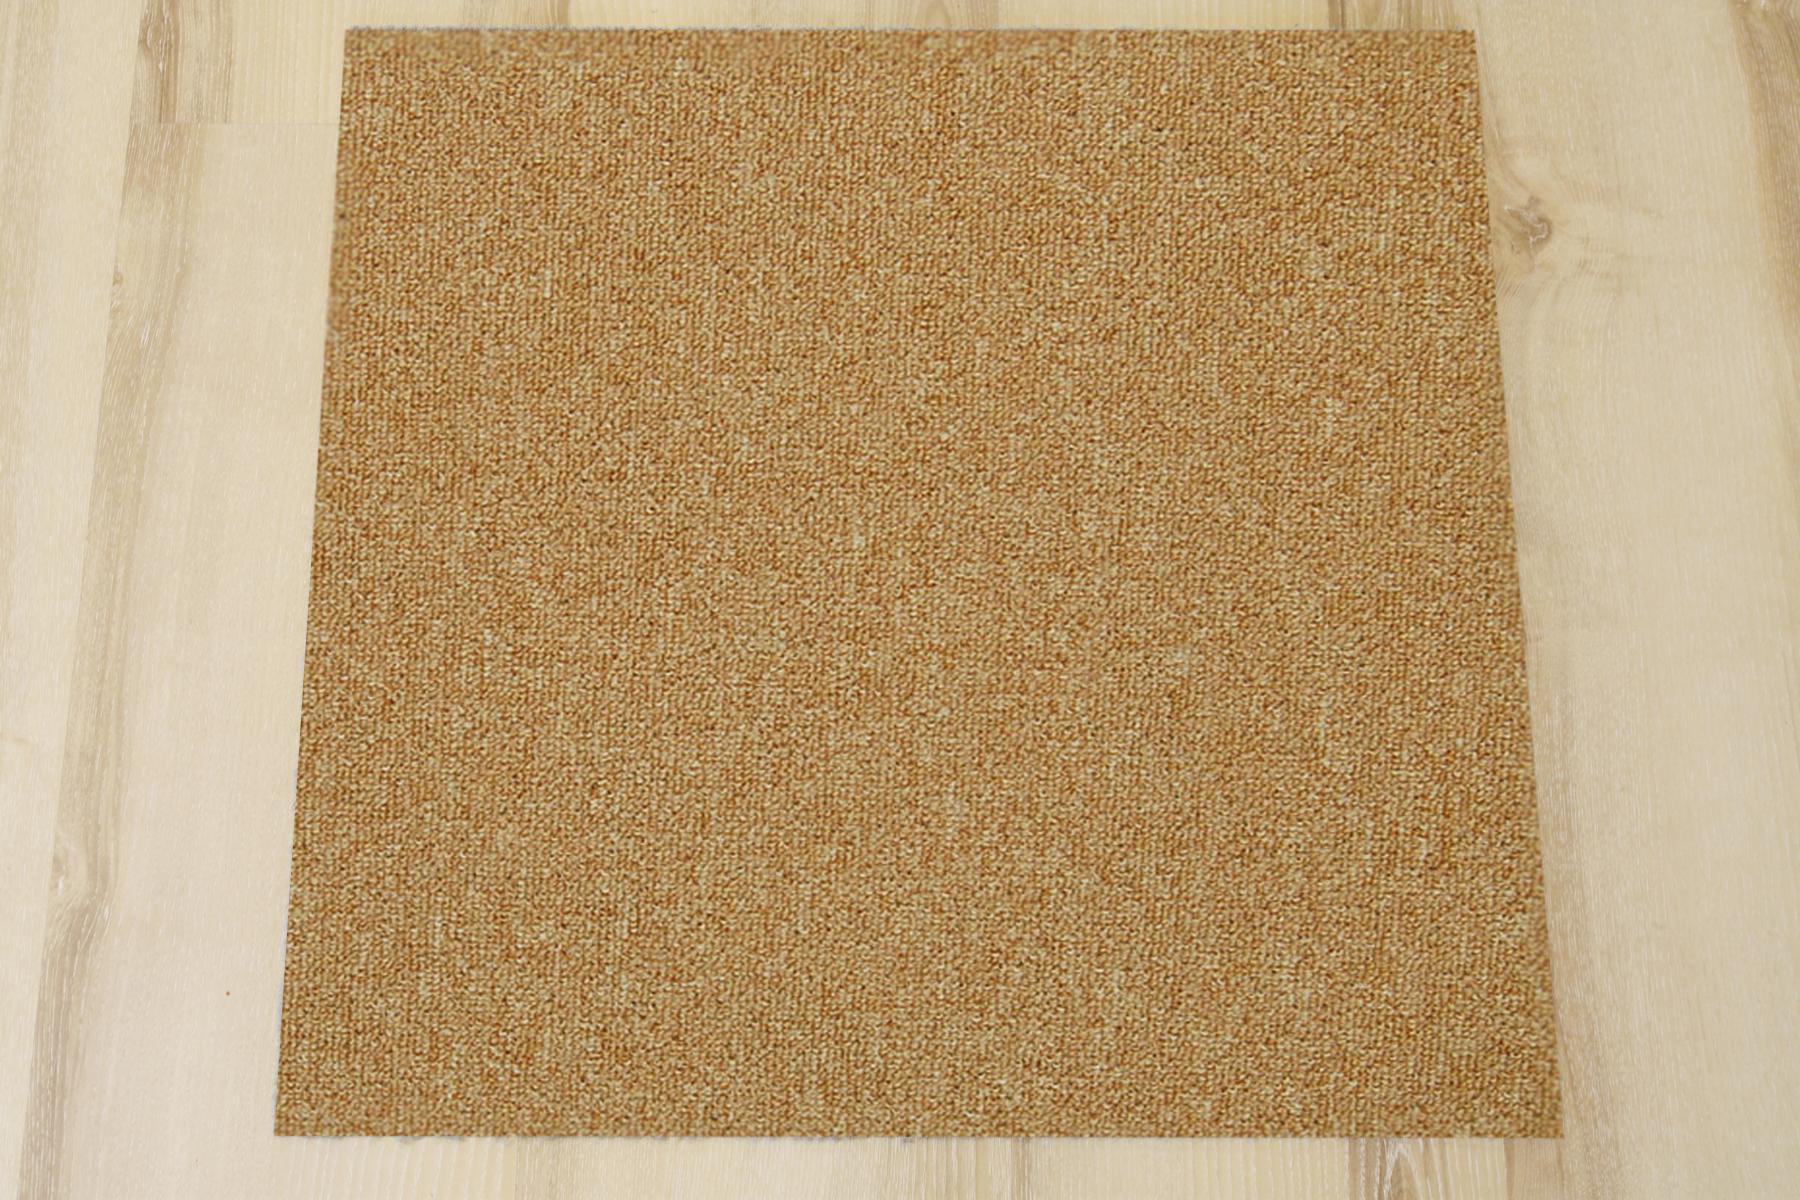 Tappeto piastrelle diva cm b balta h beige c s ebay